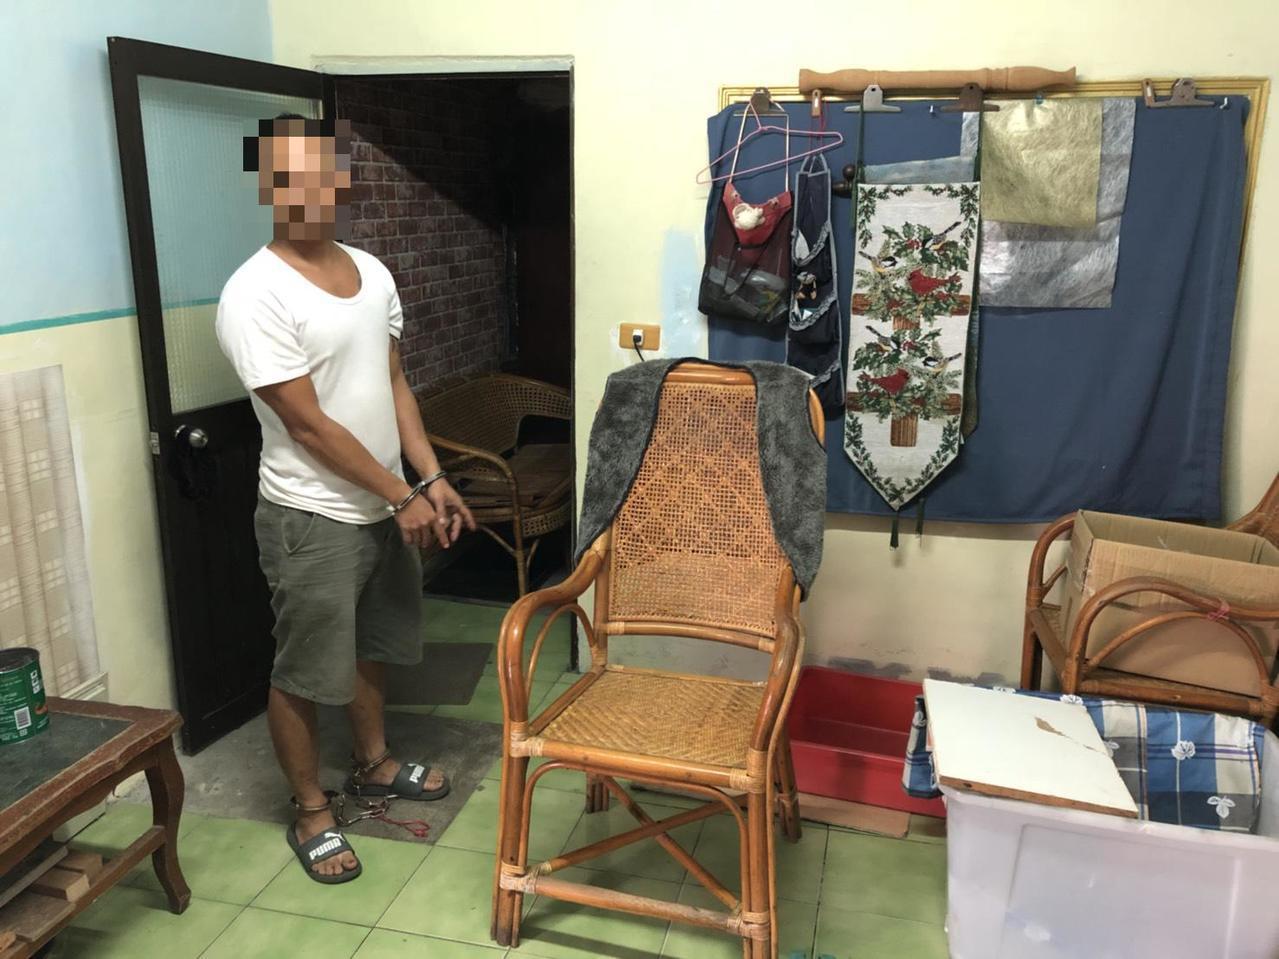 林姓嫌犯向警方指出當時吳姓死者就坐在這張椅子吸毒過量猝死。記者蔣繼平/翻攝